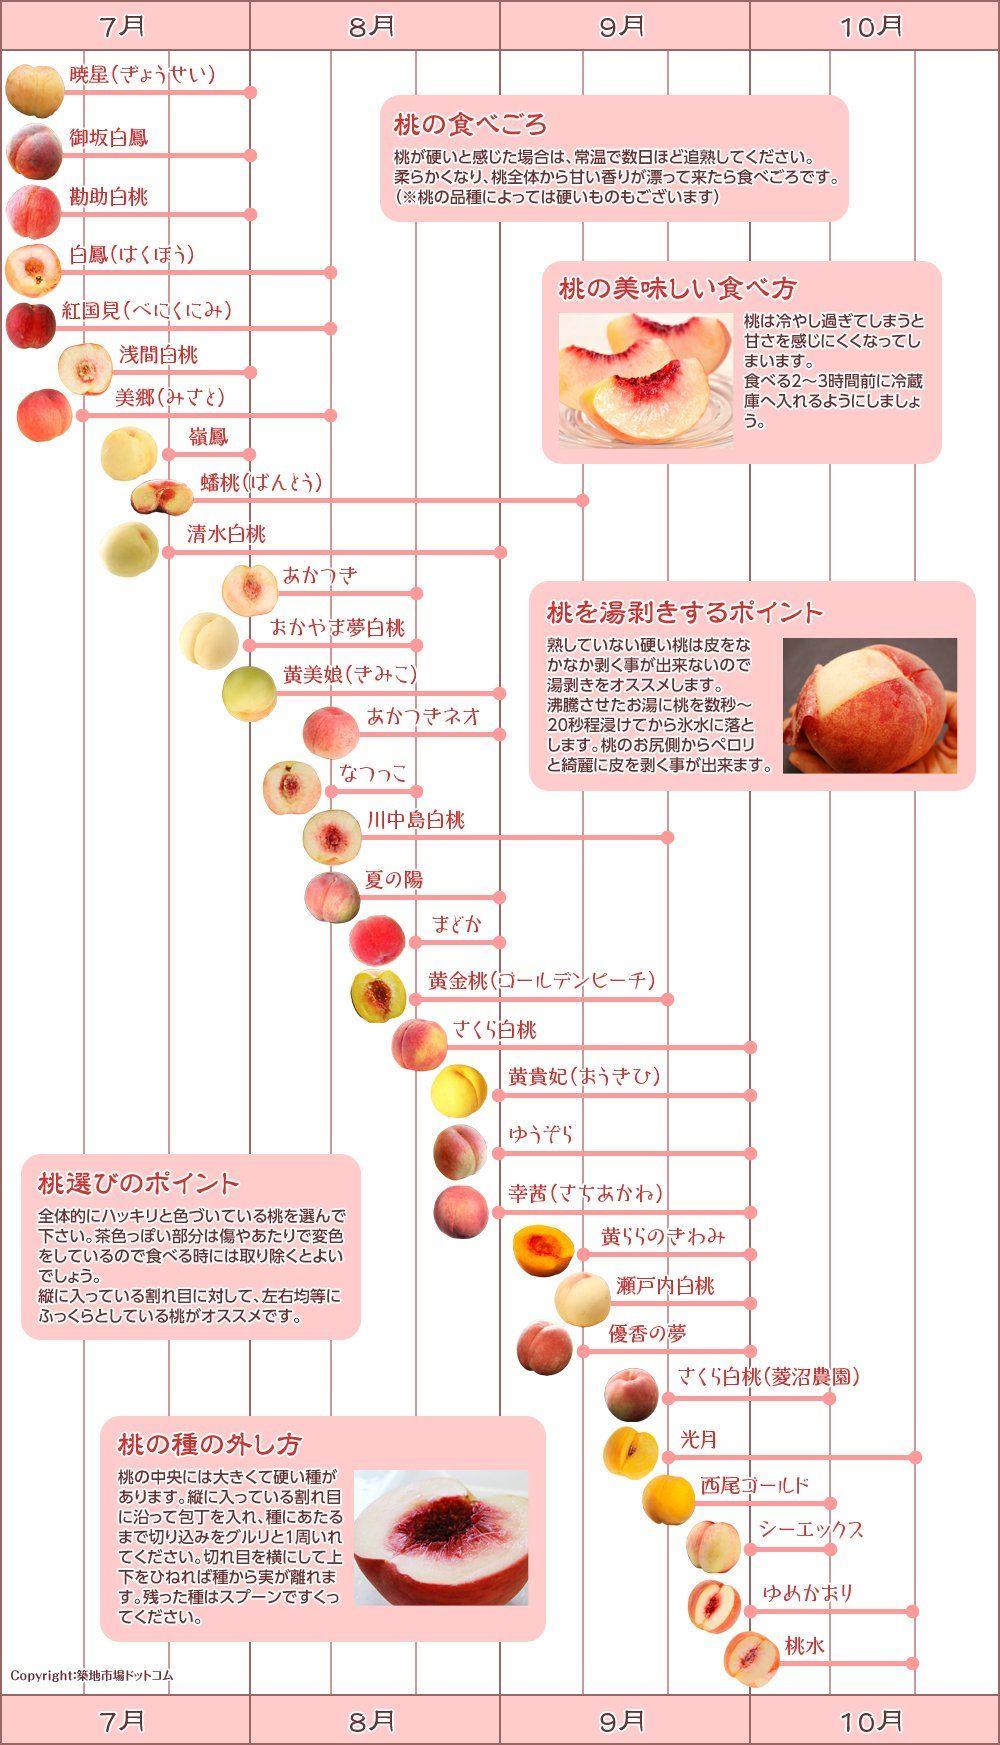 豊洲市場ドットコム On 桃 レシピ ドリンクレシピ 美味しい食べ物